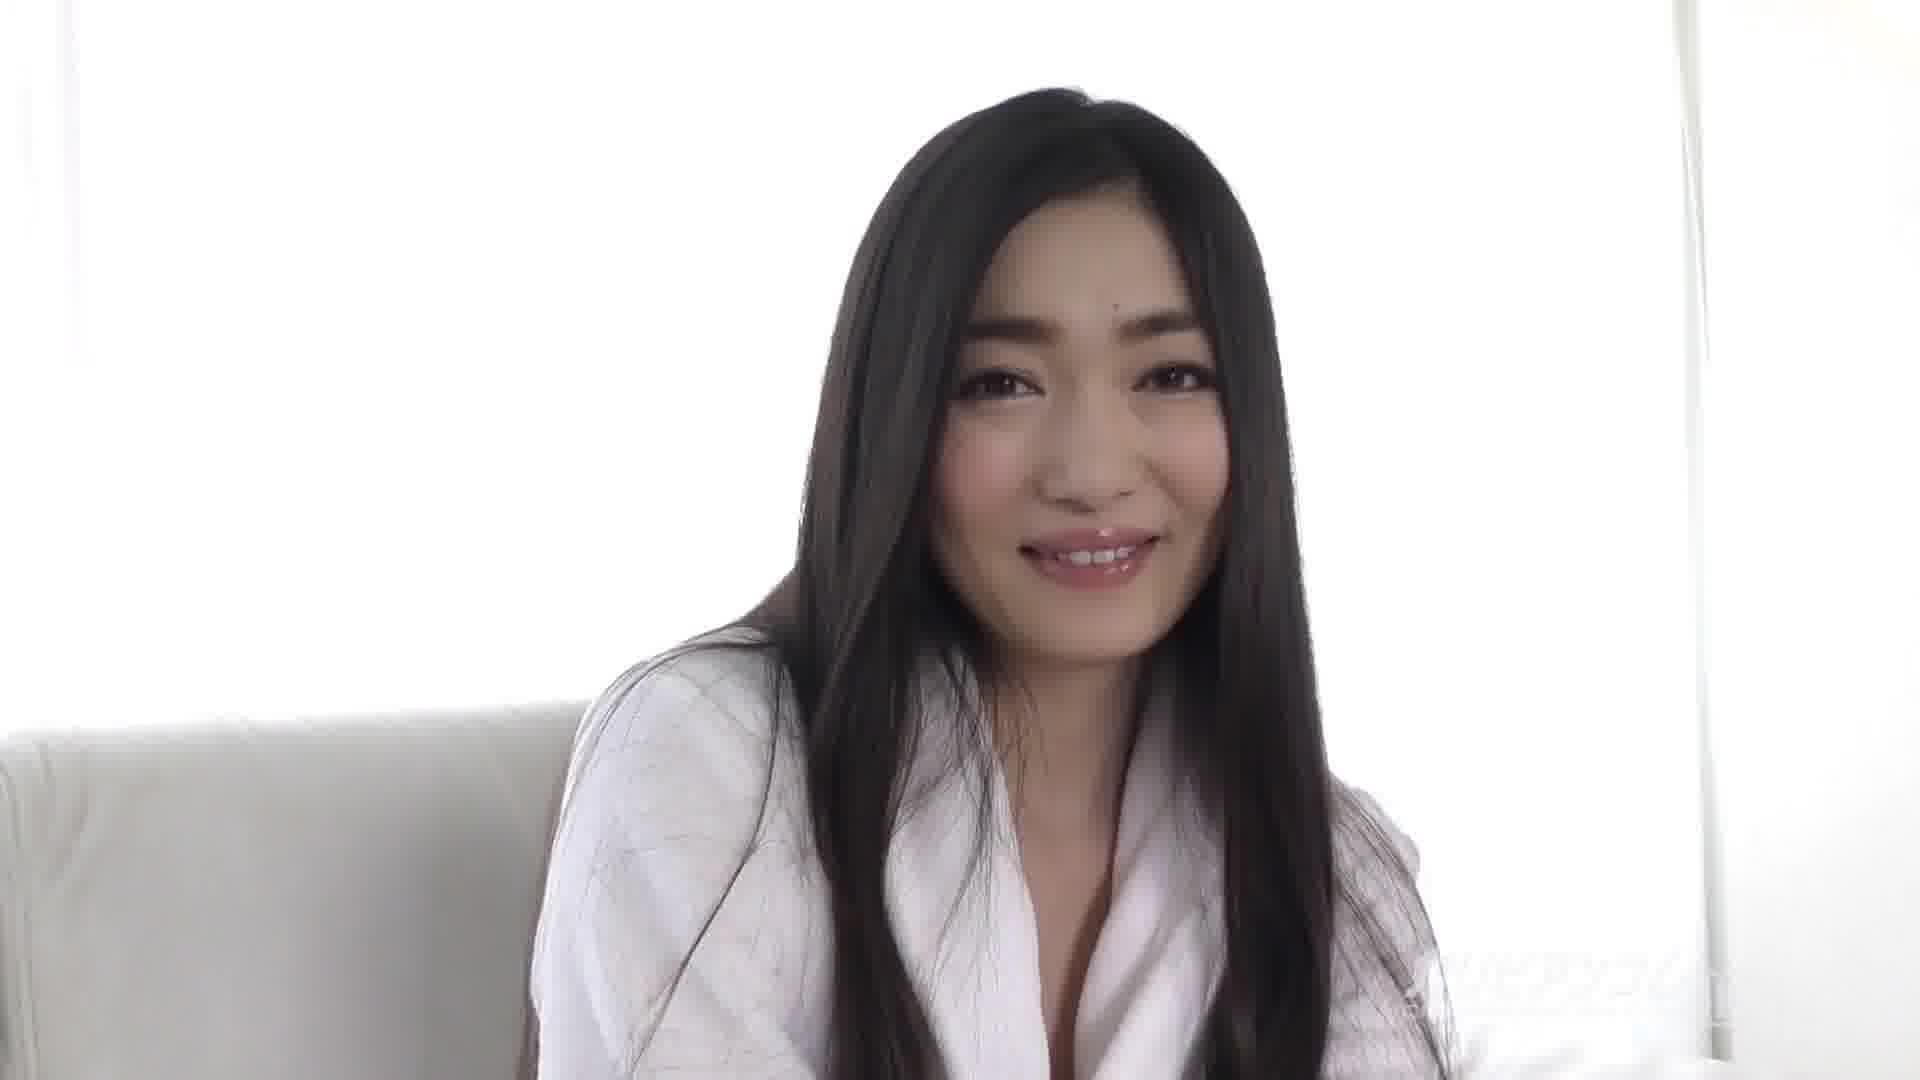 女熱大陸 File.051 - 江波りゅう 【オナニー・ぶっかけ・中出し】